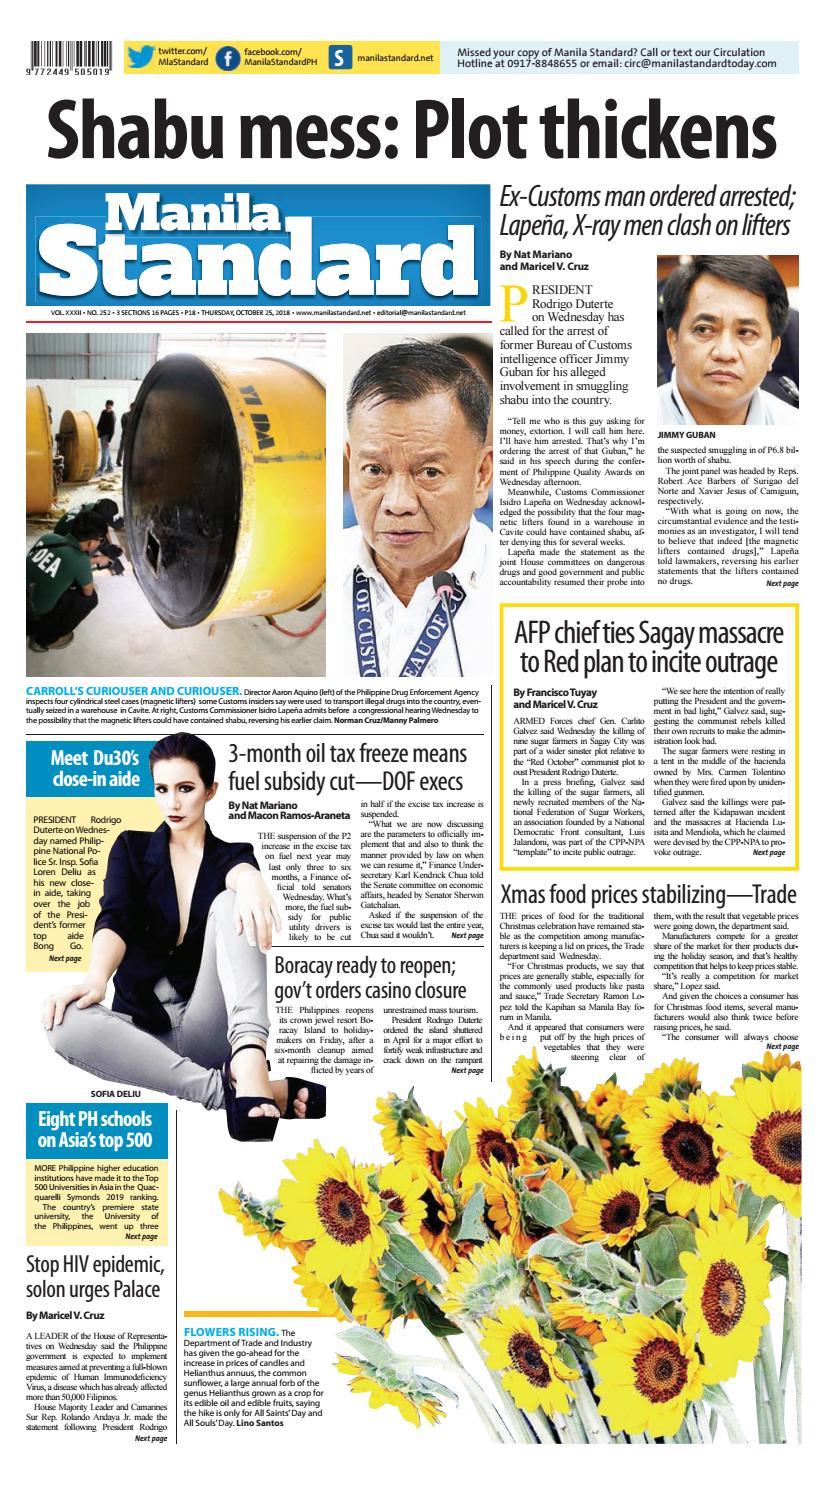 Manila Standard - 2018 October 25 - Thursday by Manila Standard - issuu